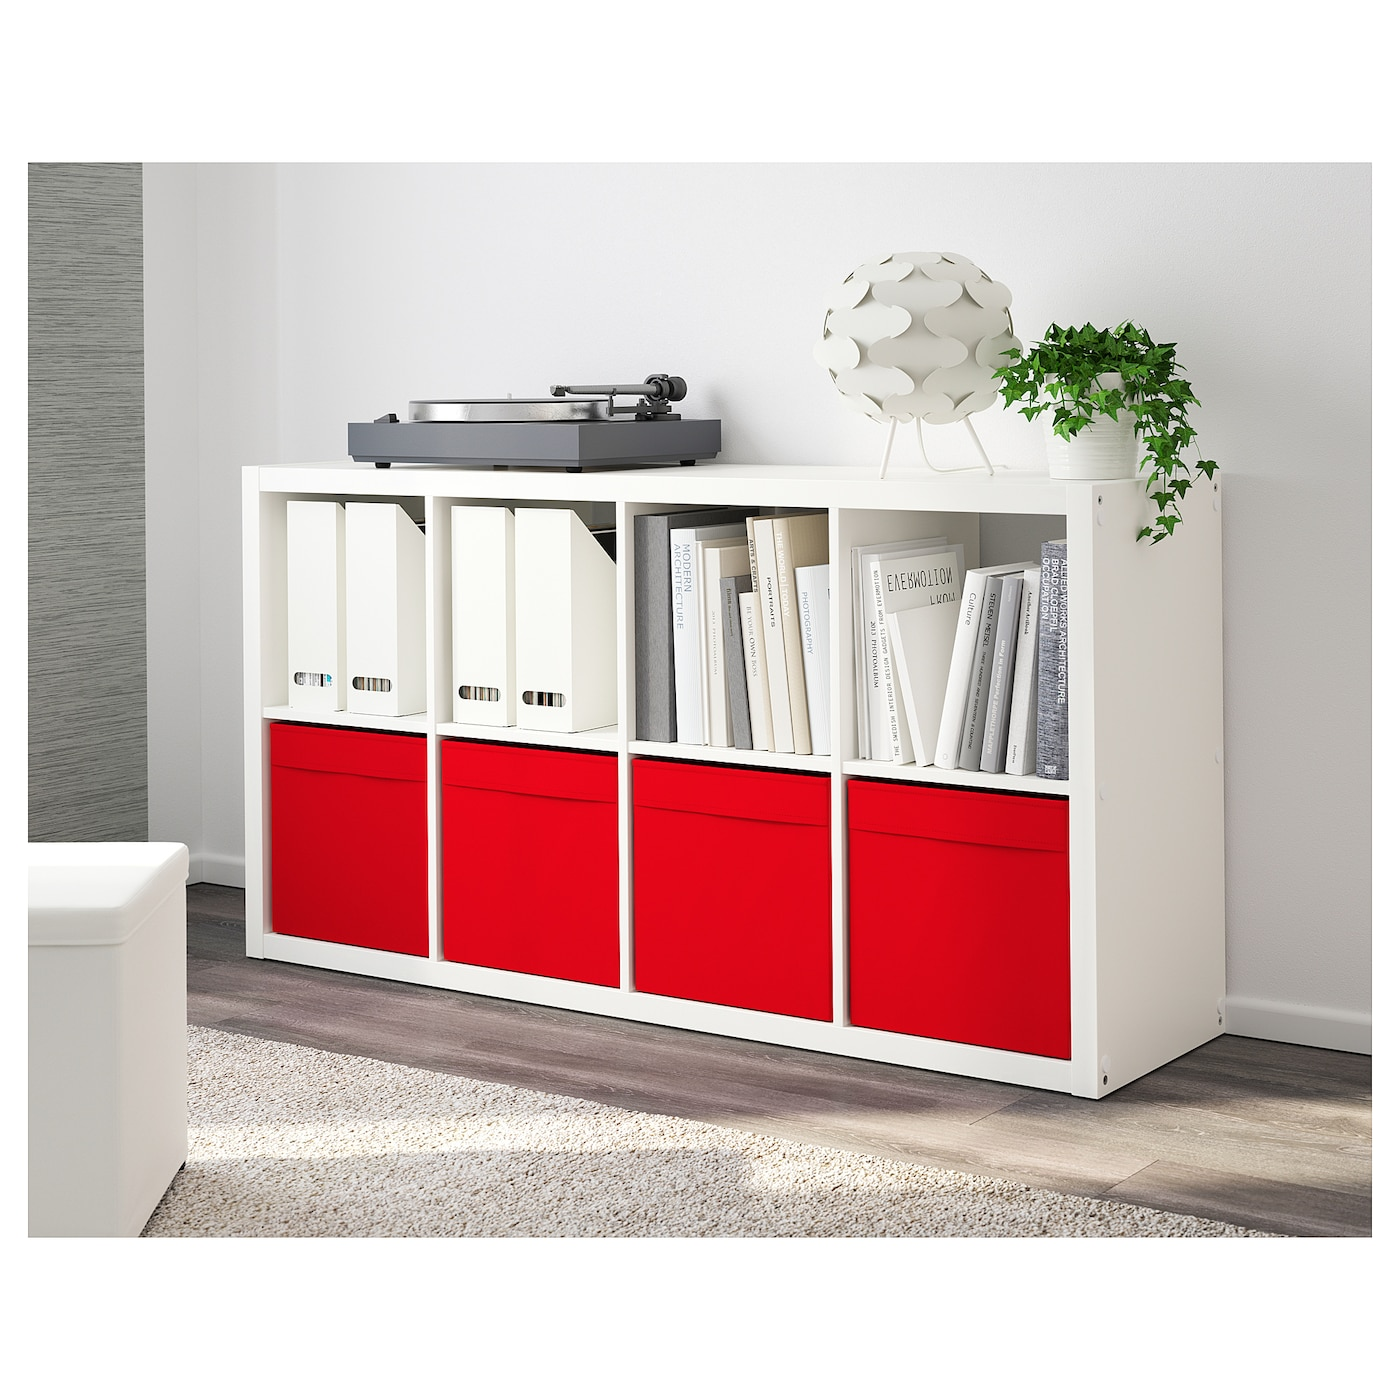 dr na rangement tissu rouge 33x38x33 cm ikea. Black Bedroom Furniture Sets. Home Design Ideas